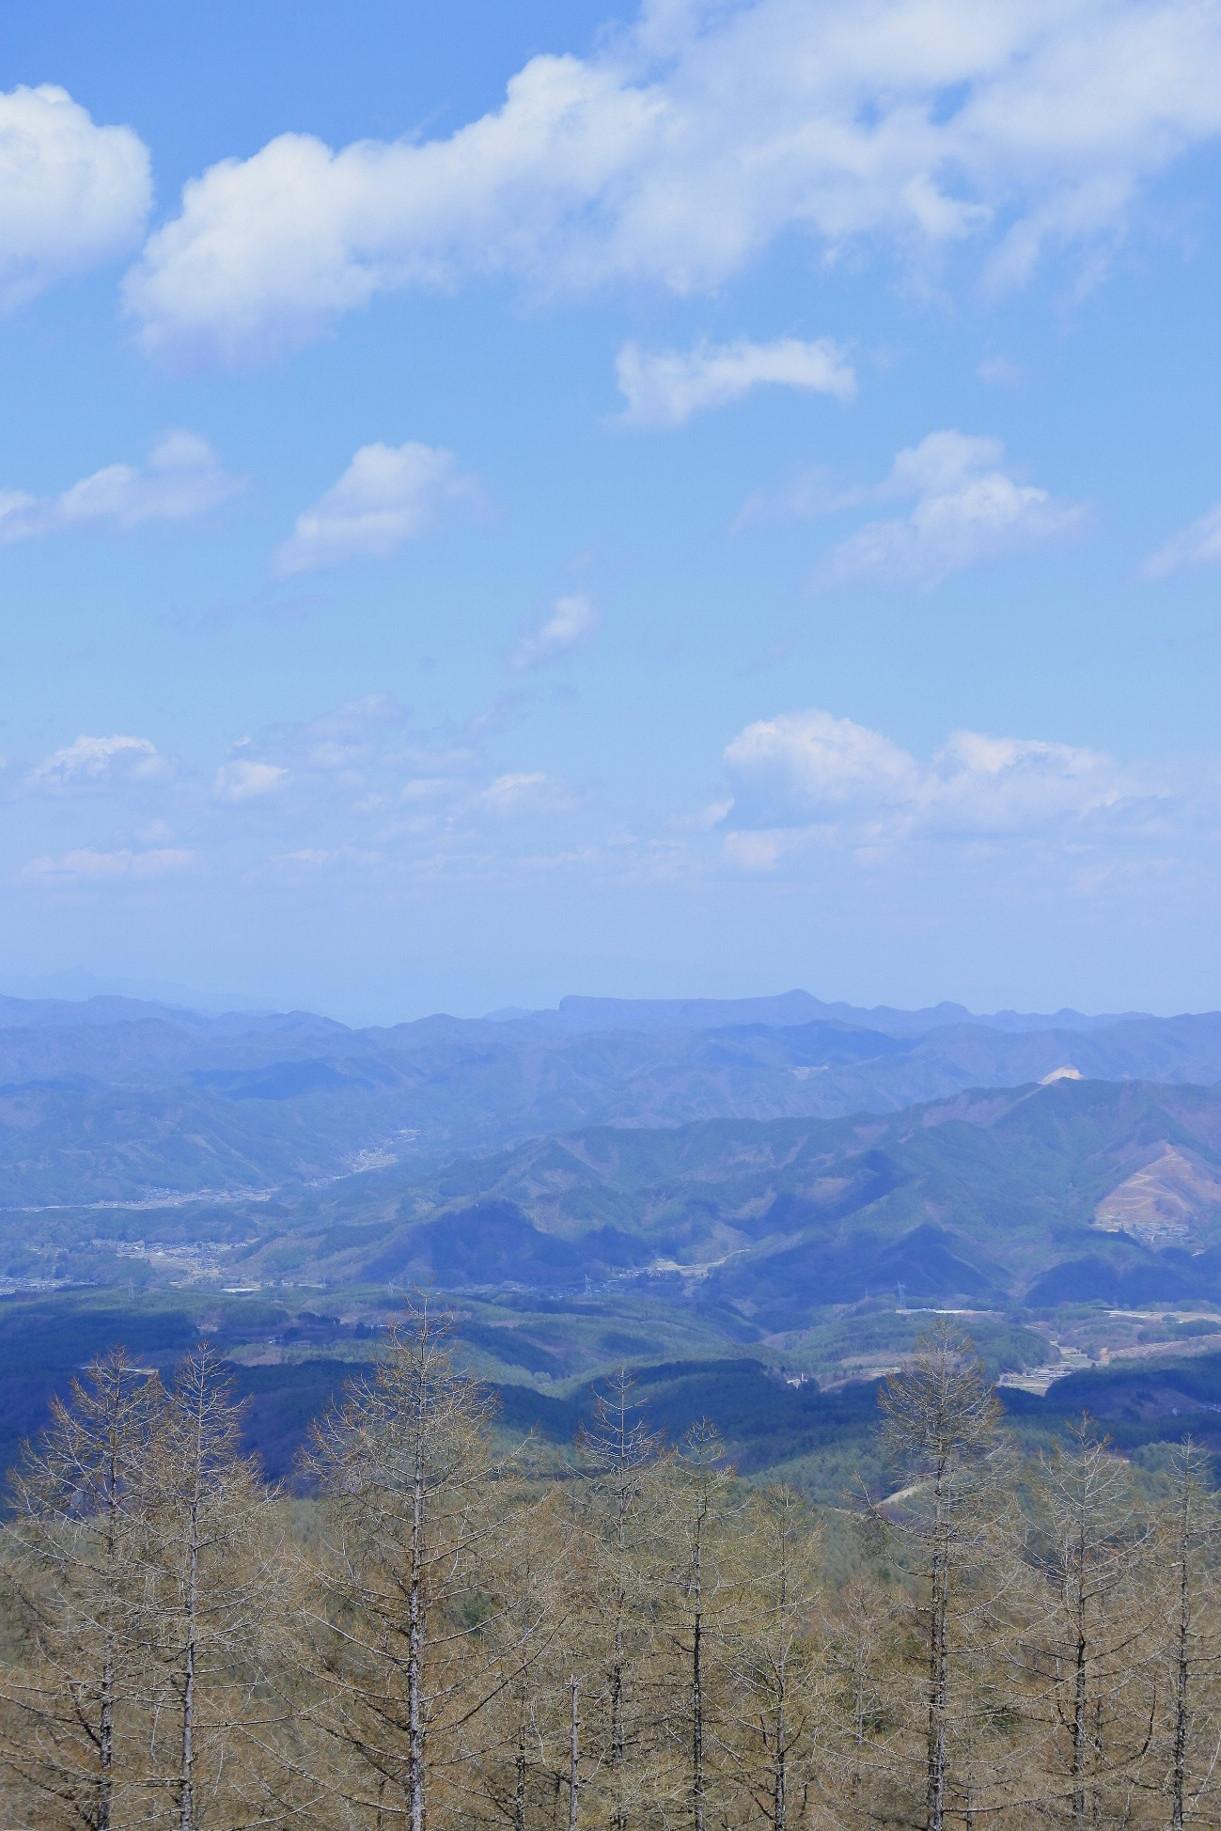 長野そぞろ歩き:八ヶ岳をドライブ_f0049074_07091148.jpg